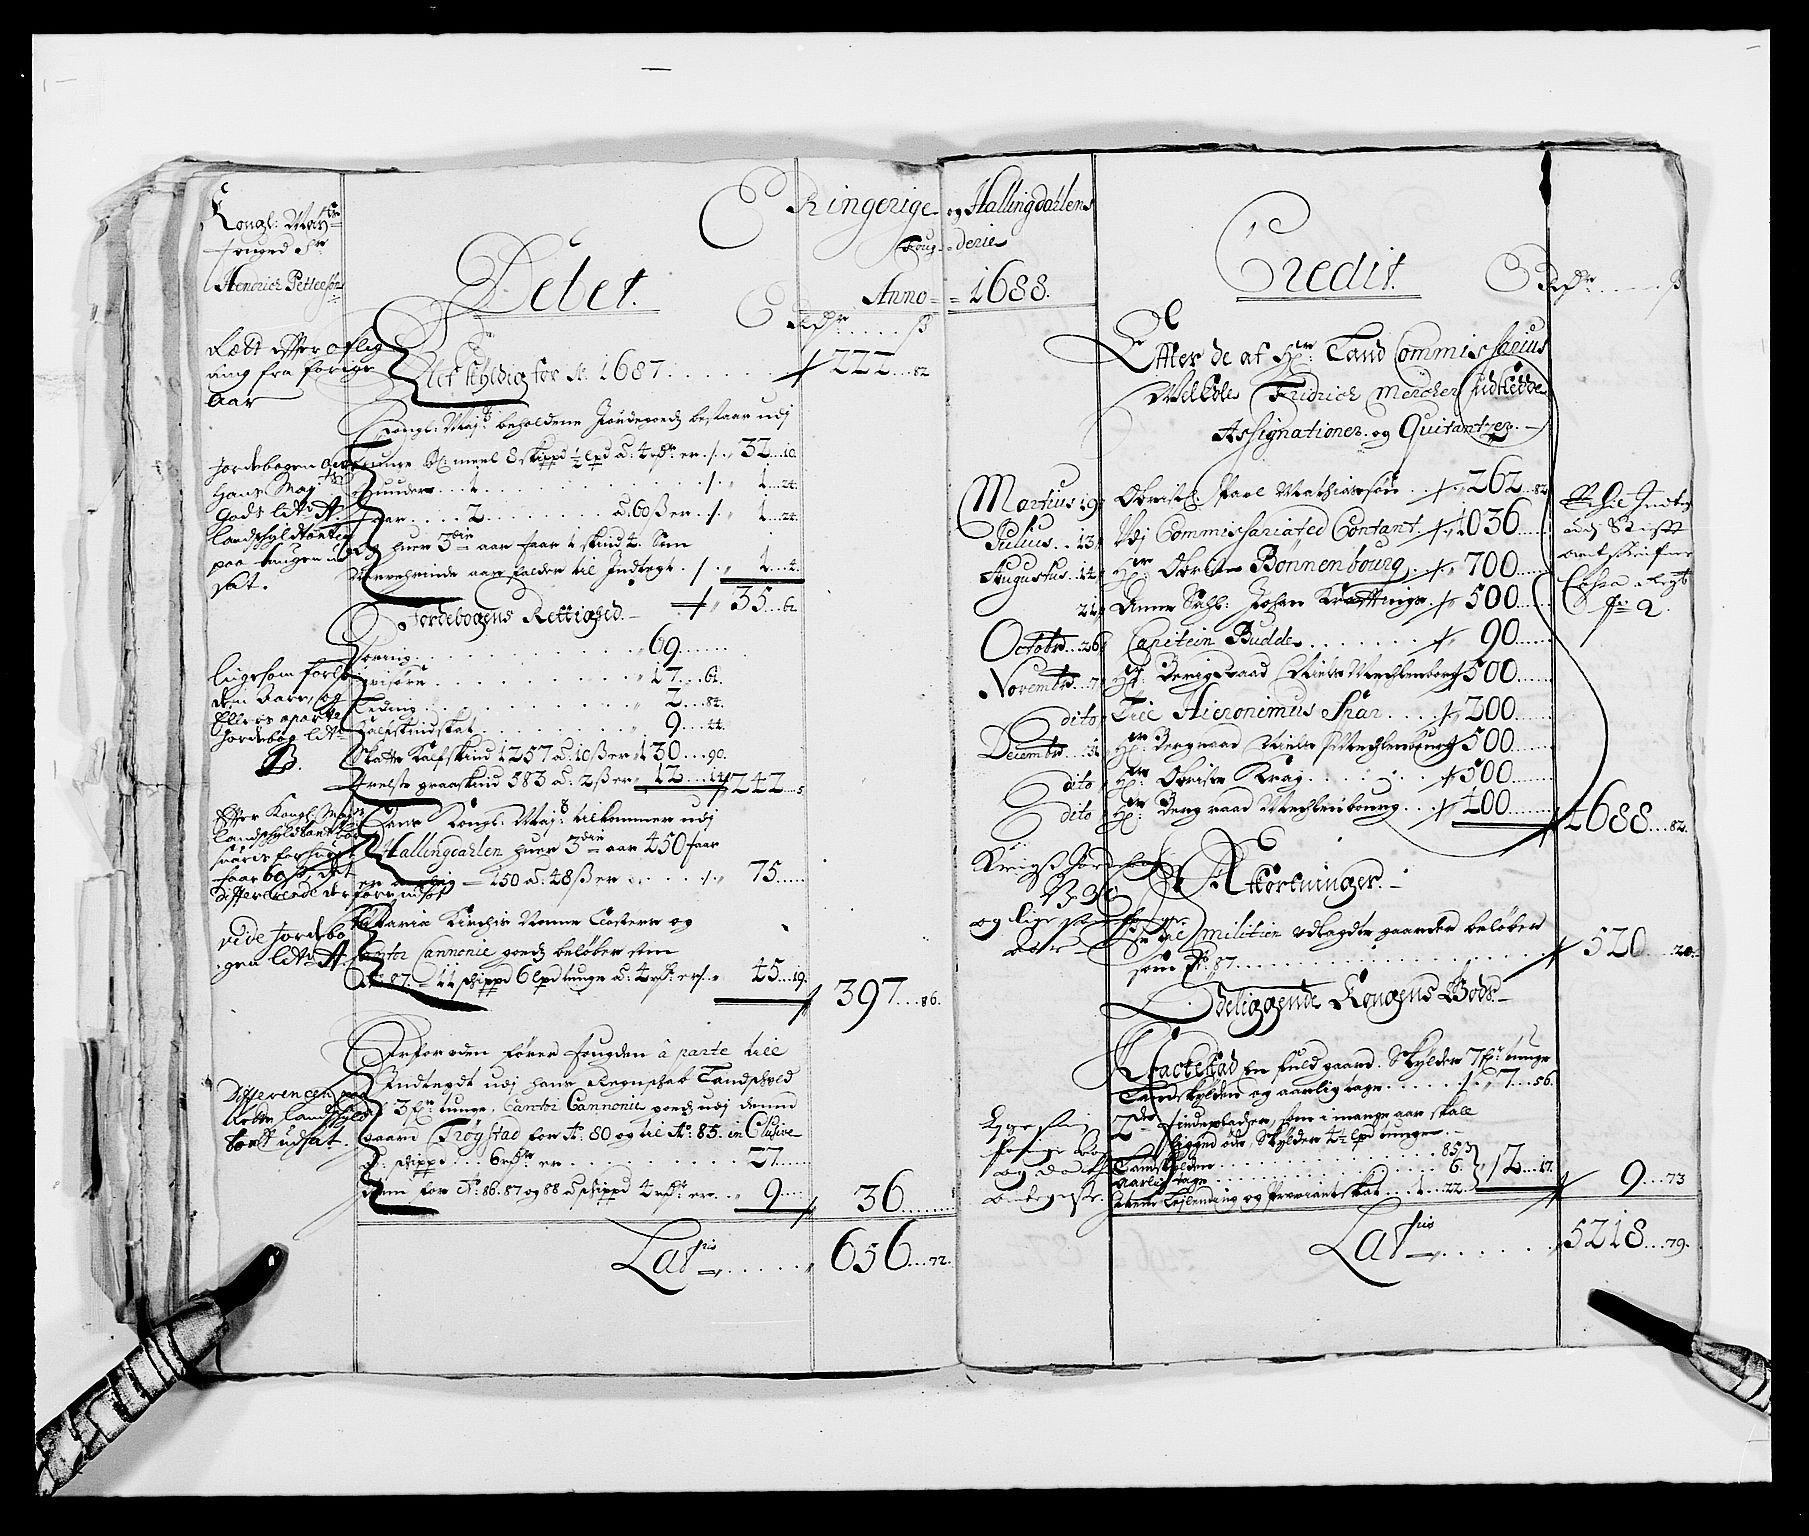 RA, Rentekammeret inntil 1814, Reviderte regnskaper, Fogderegnskap, R21/L1445: Fogderegnskap Ringerike og Hallingdal, 1681-1689, s. 26